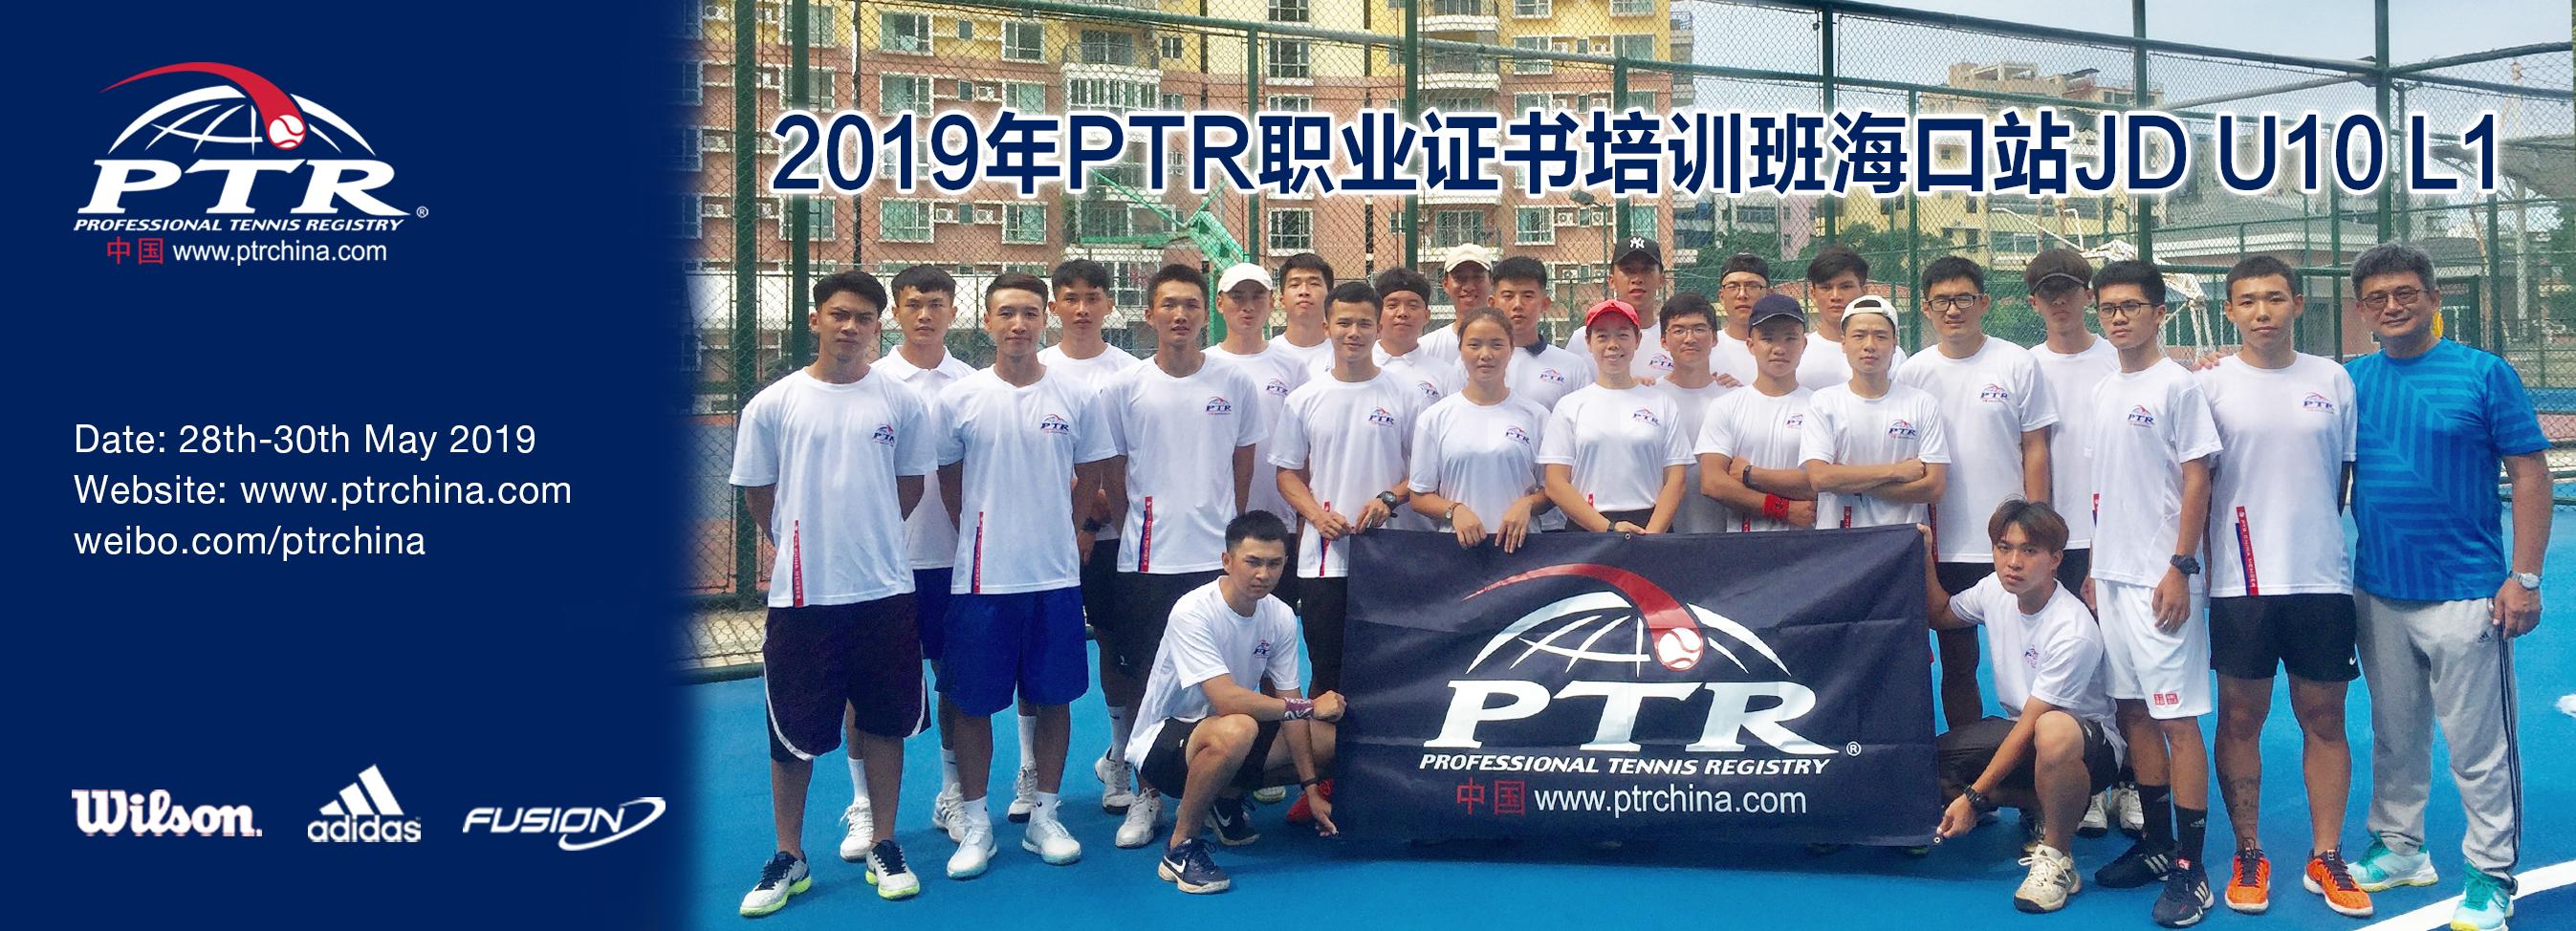 海之南——中国网球的冉冉新星,2019 PTR JD U10 L1 海口站顺利结业!